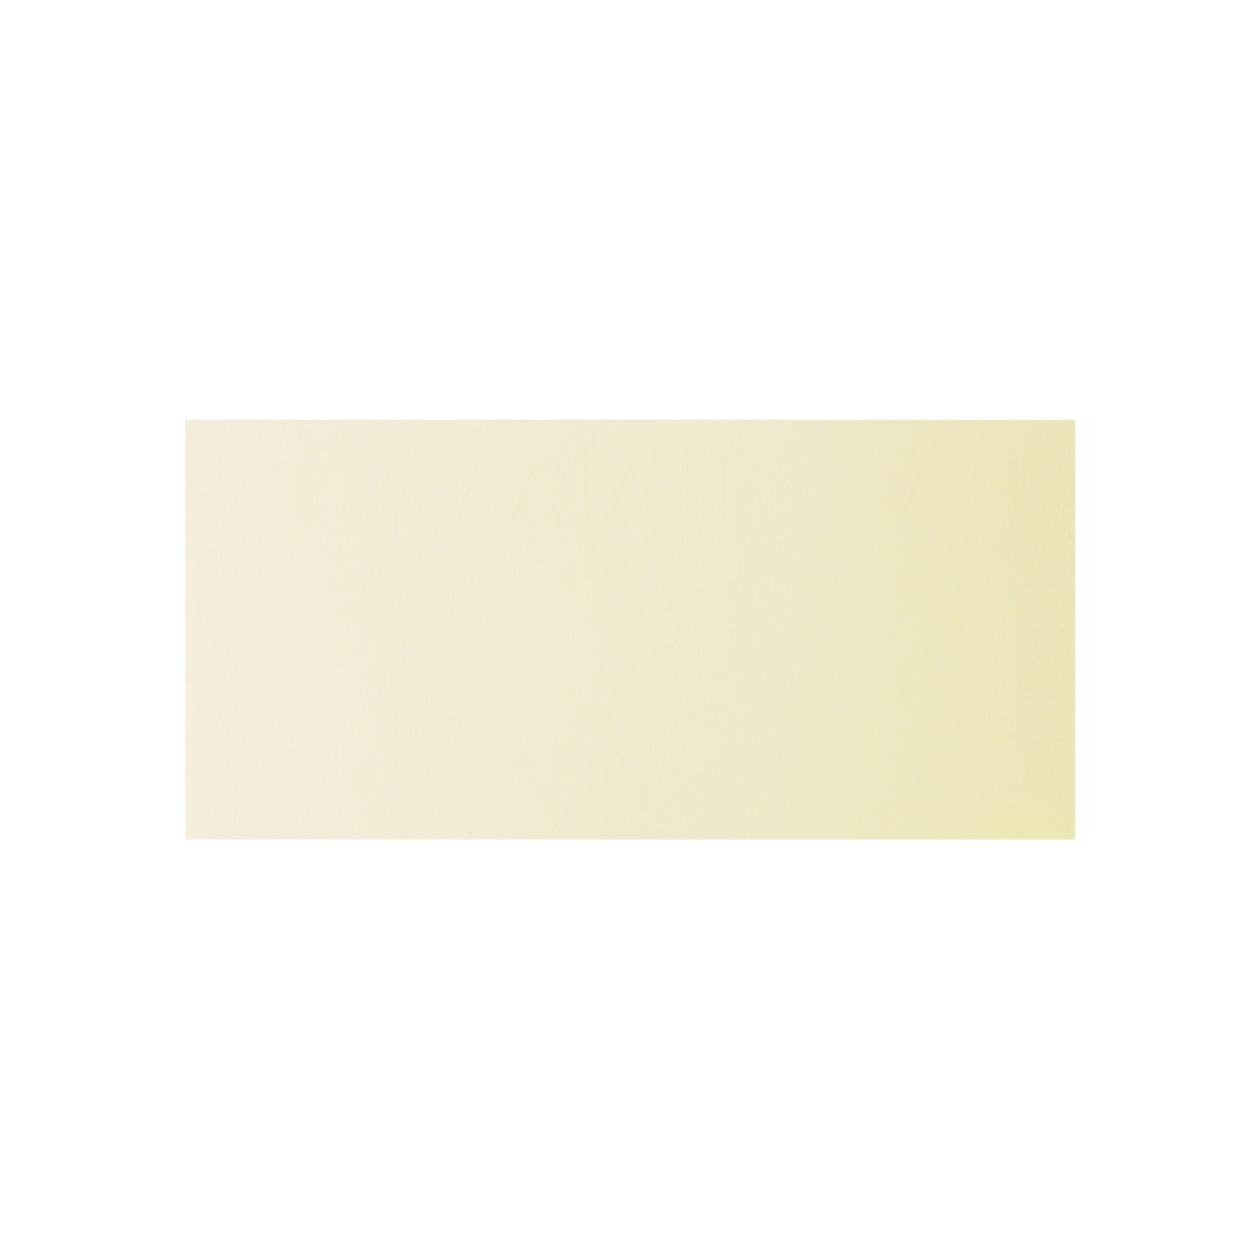 サンプル カード・シート 00138